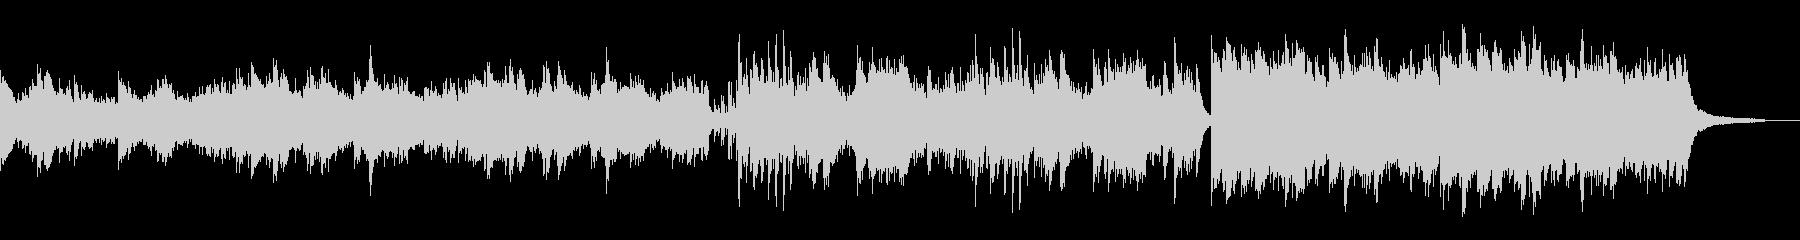 ピアノソロ 優雅 ヒーリング 水 映像の未再生の波形